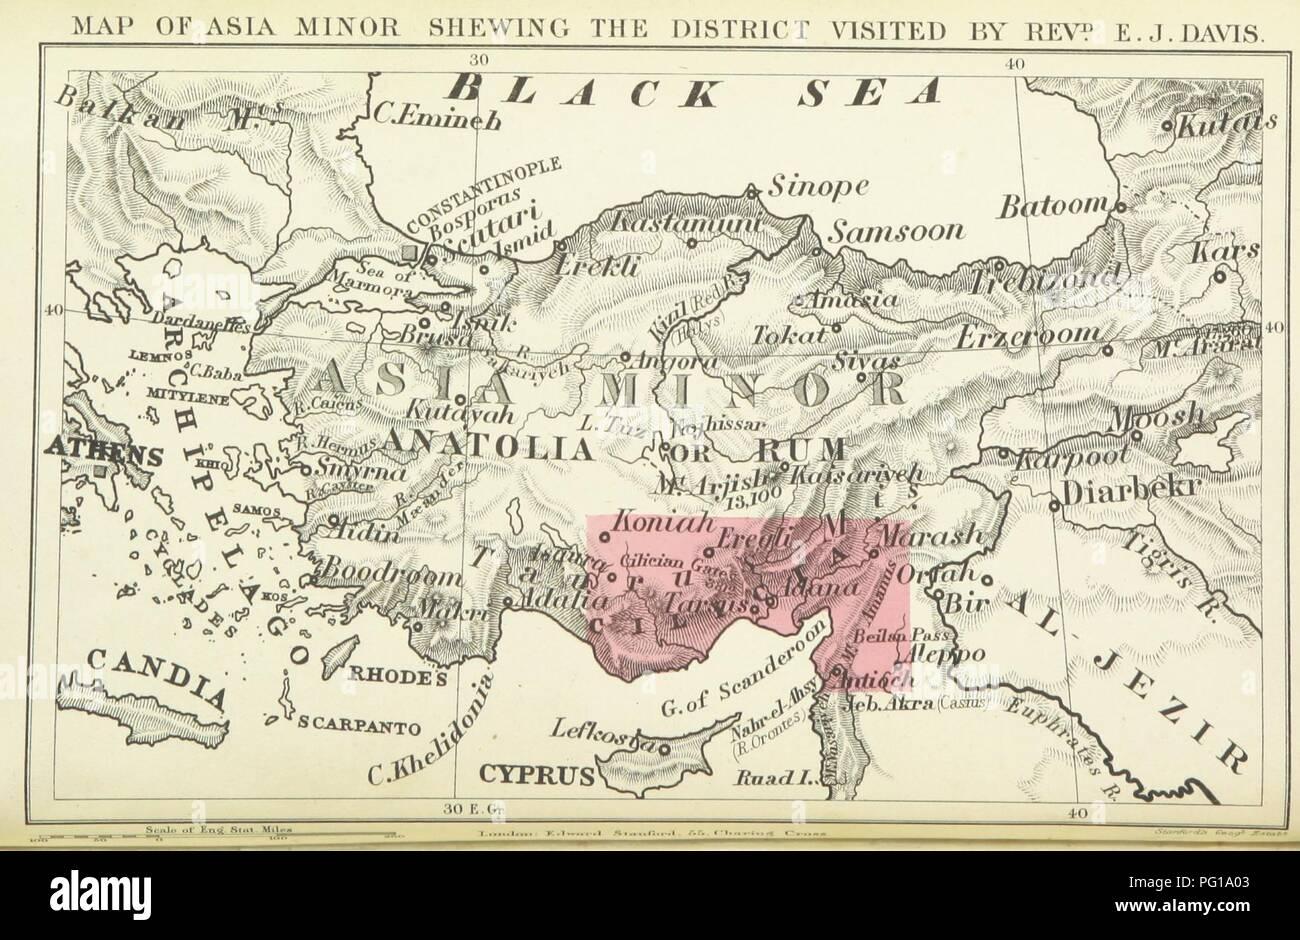 Karte Türkei Kappadokien.Bild Von Seite 30 Der Leben In Der Asiatischen Türkei Eine